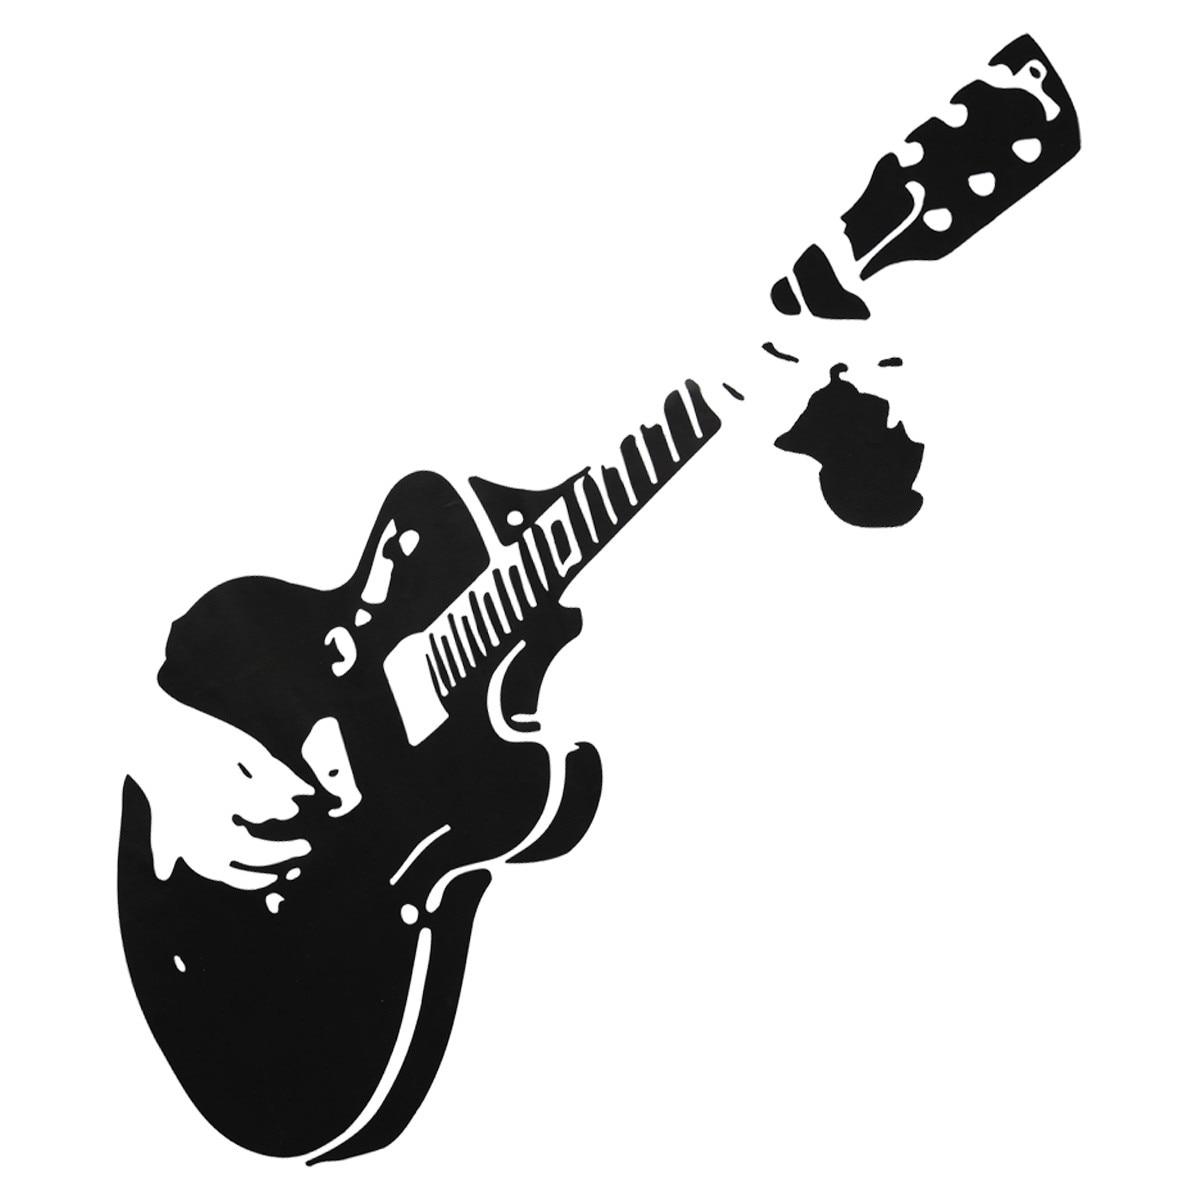 Black Pvc Guitar Guitarist Music Wall Sticker Home Art Decal Mural Wallpaper Decor Diy About 45x45cm Wallpapers Aliexpress